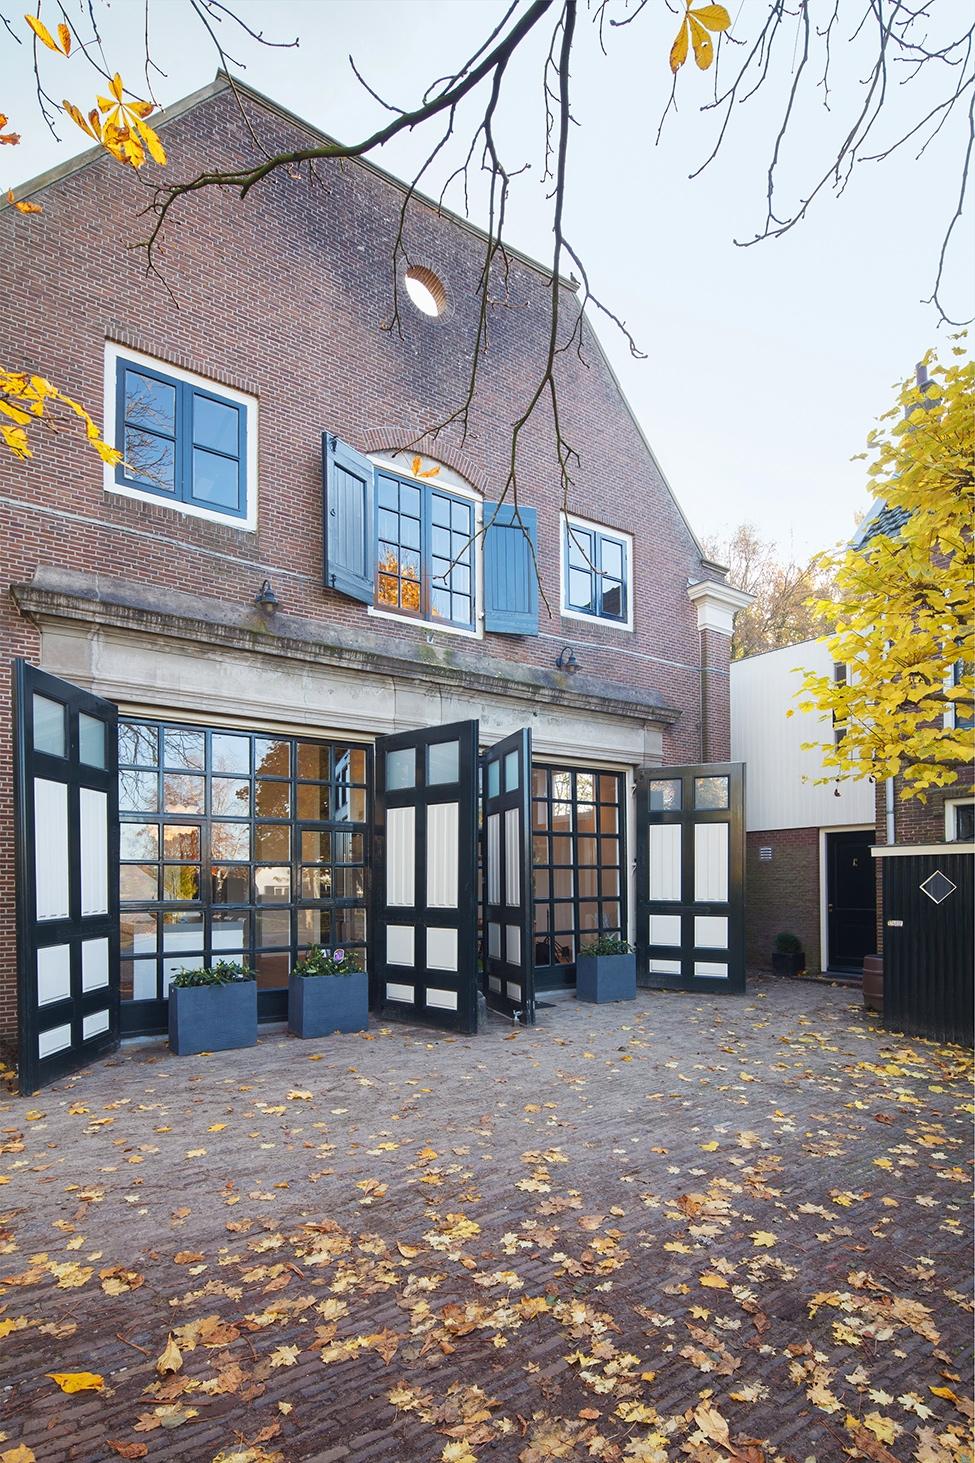 Khám phá ngôi nhà gỗ đẹp như tranh vẽ ở Hà Lan